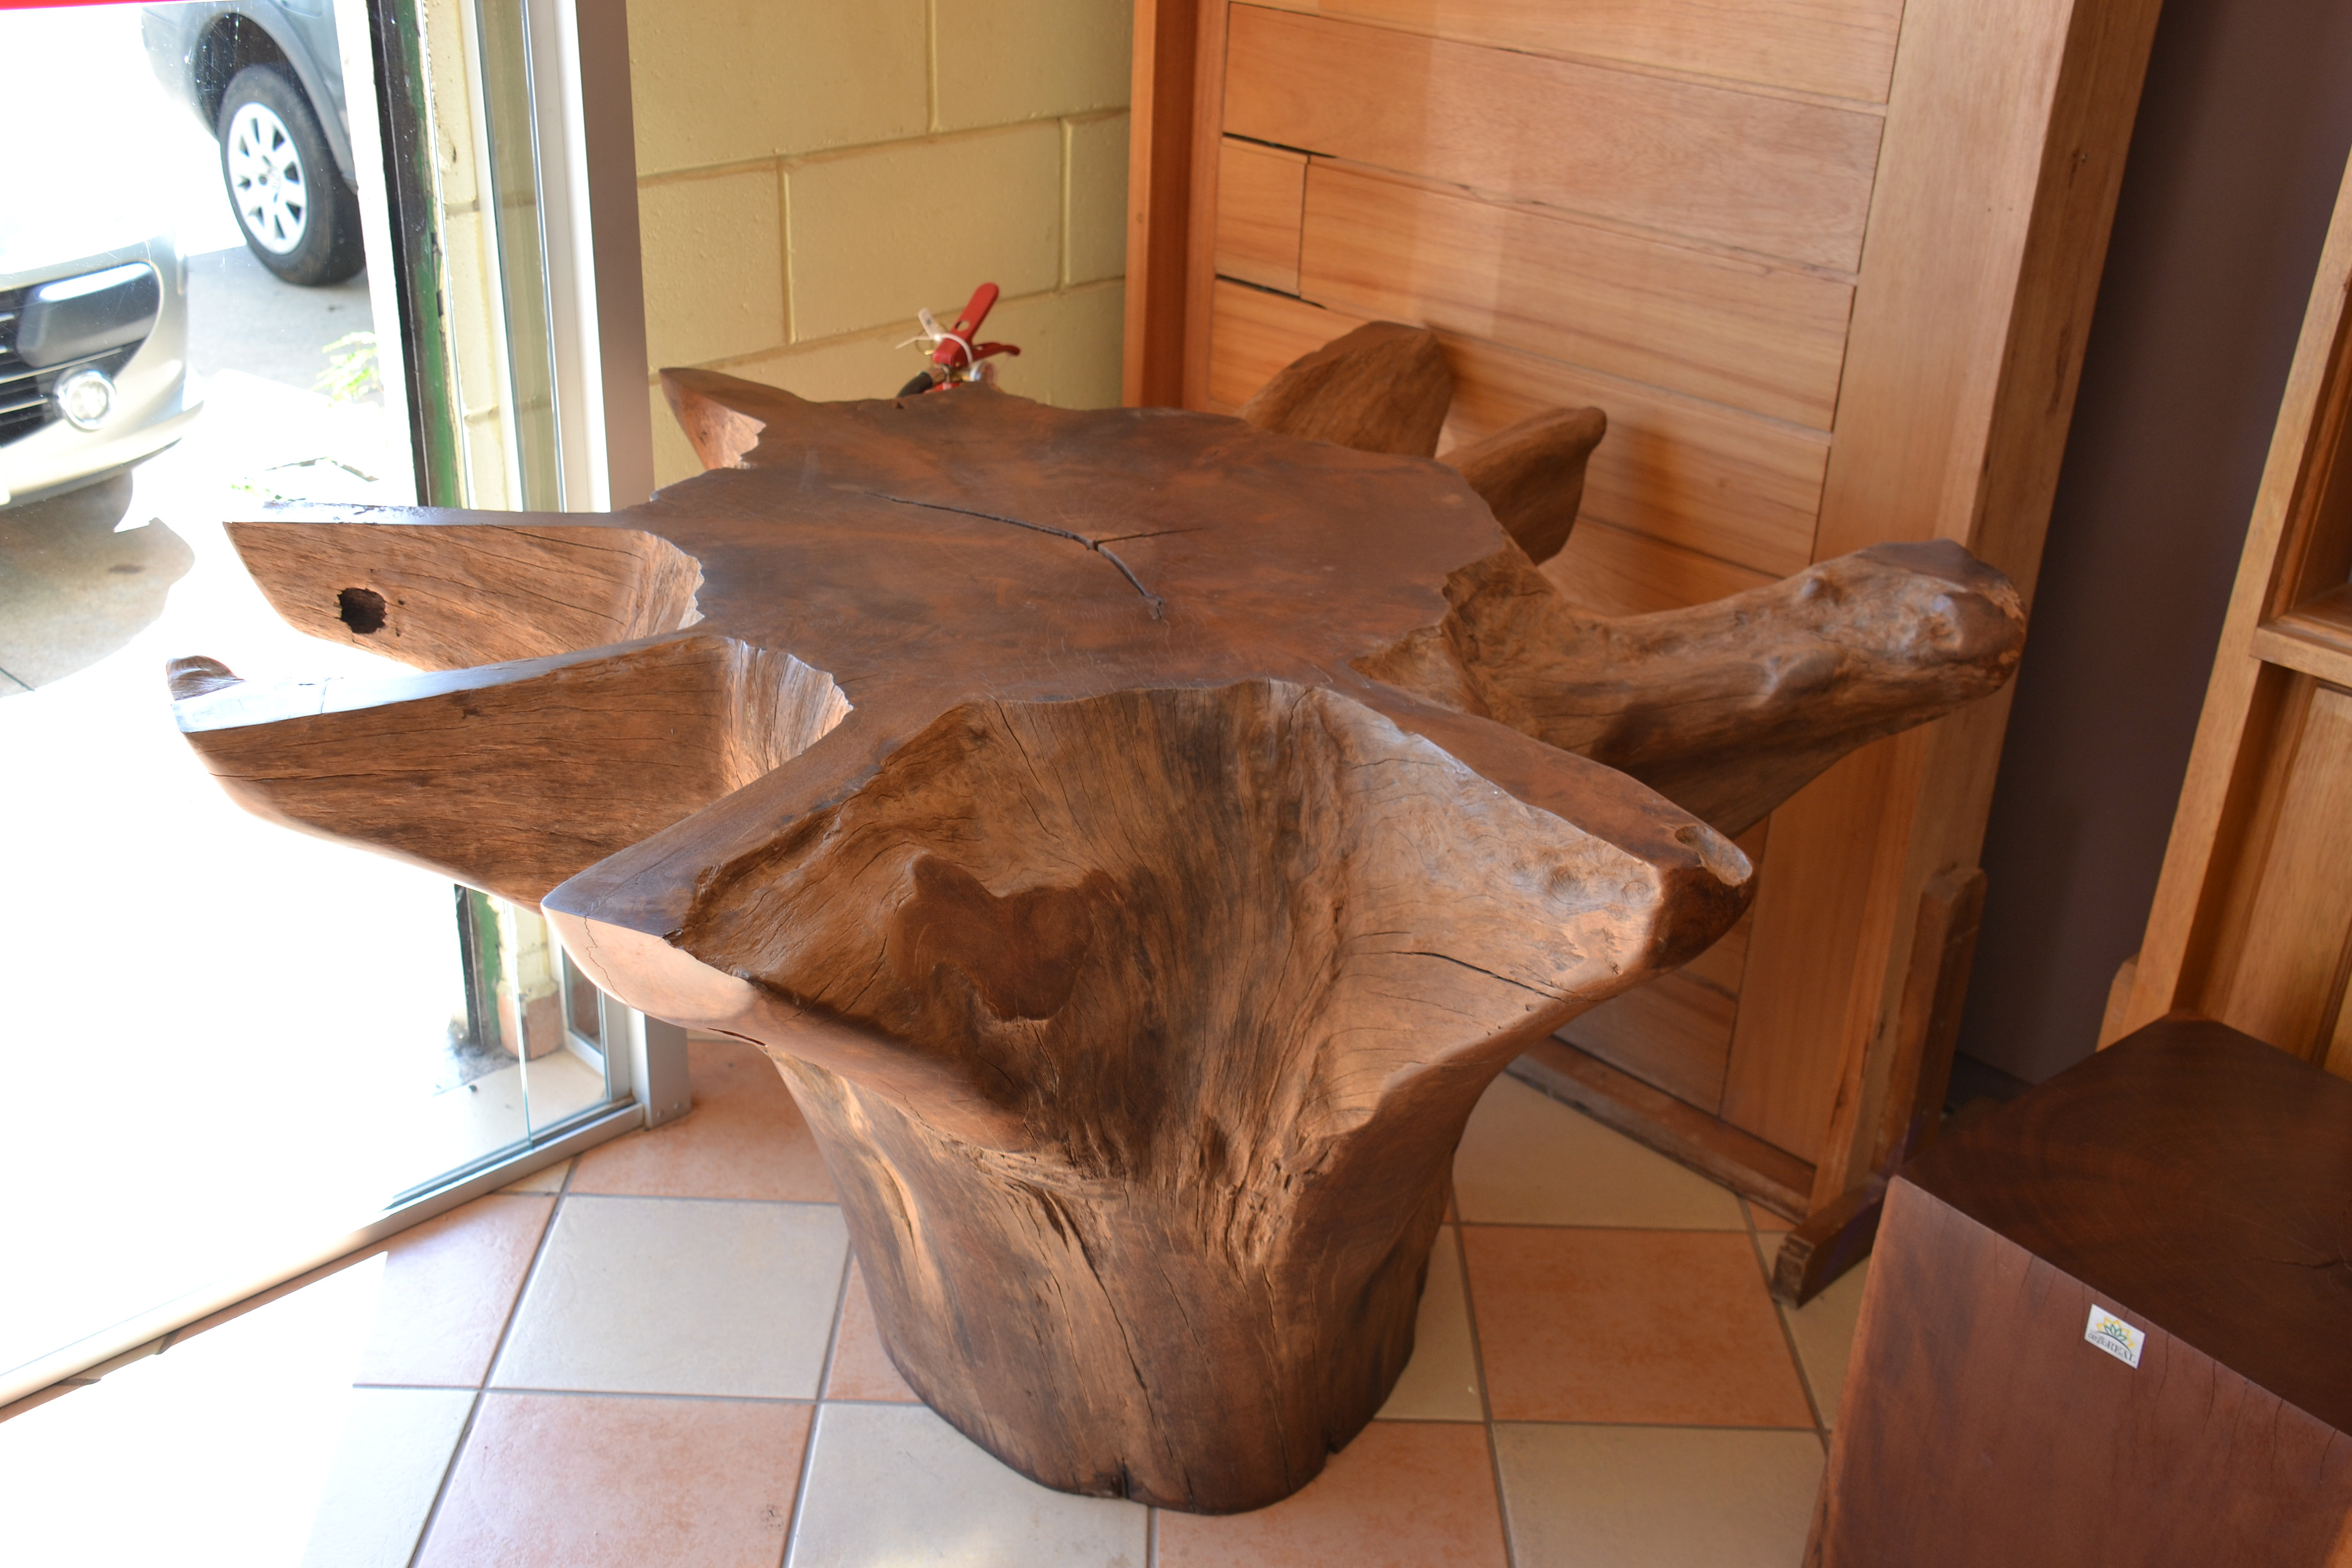 Arboreal m veis m veis r sticos de madeira maci a mesa for Mesa de tronco